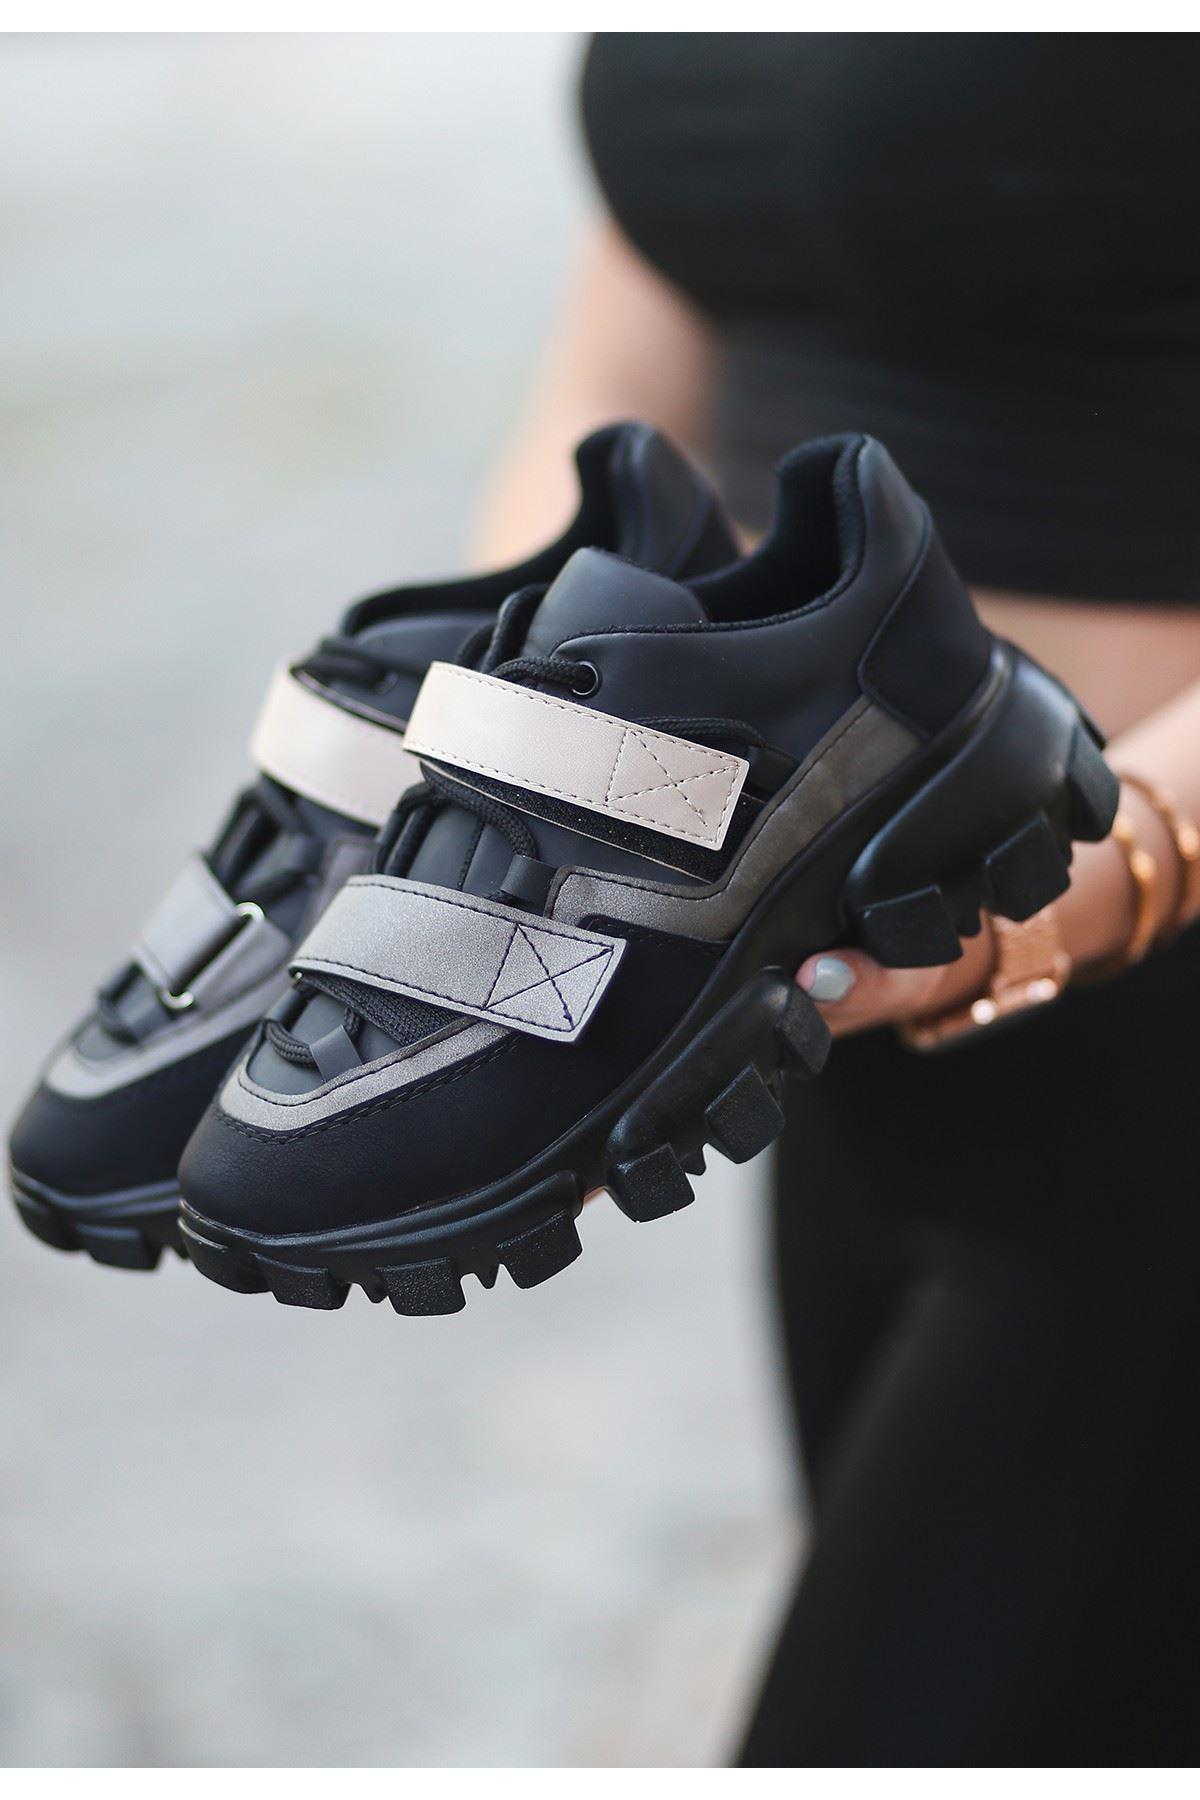 Bend Siyah Nubuk Krem Detaylı Spor Ayakkabı